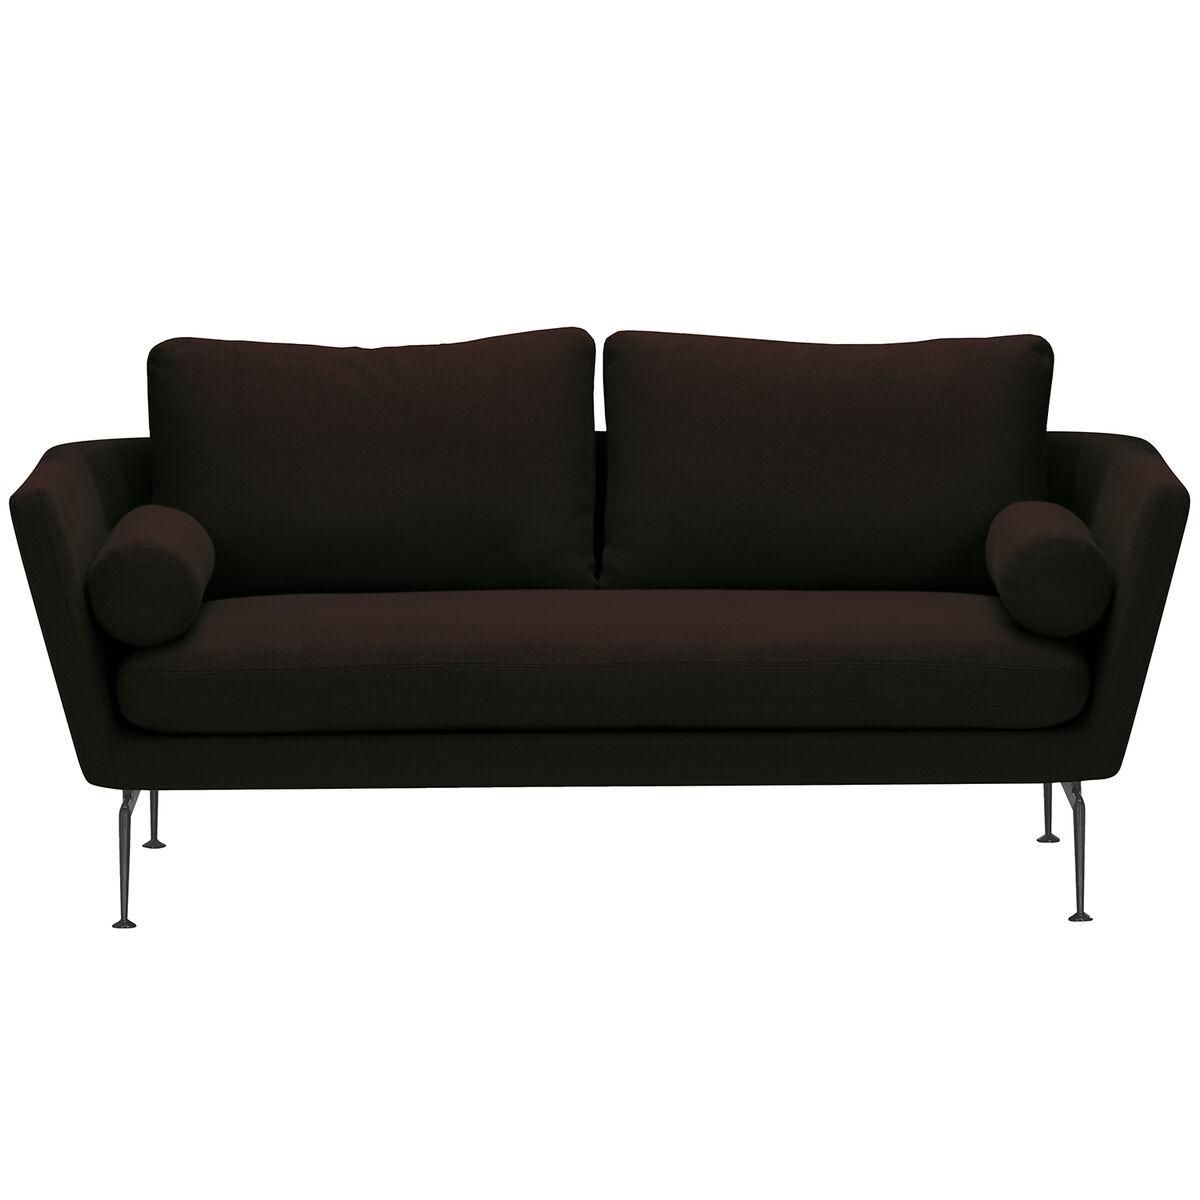 Vitra Suita sohva, 2-istuttava, basic dark - musta/ruskea